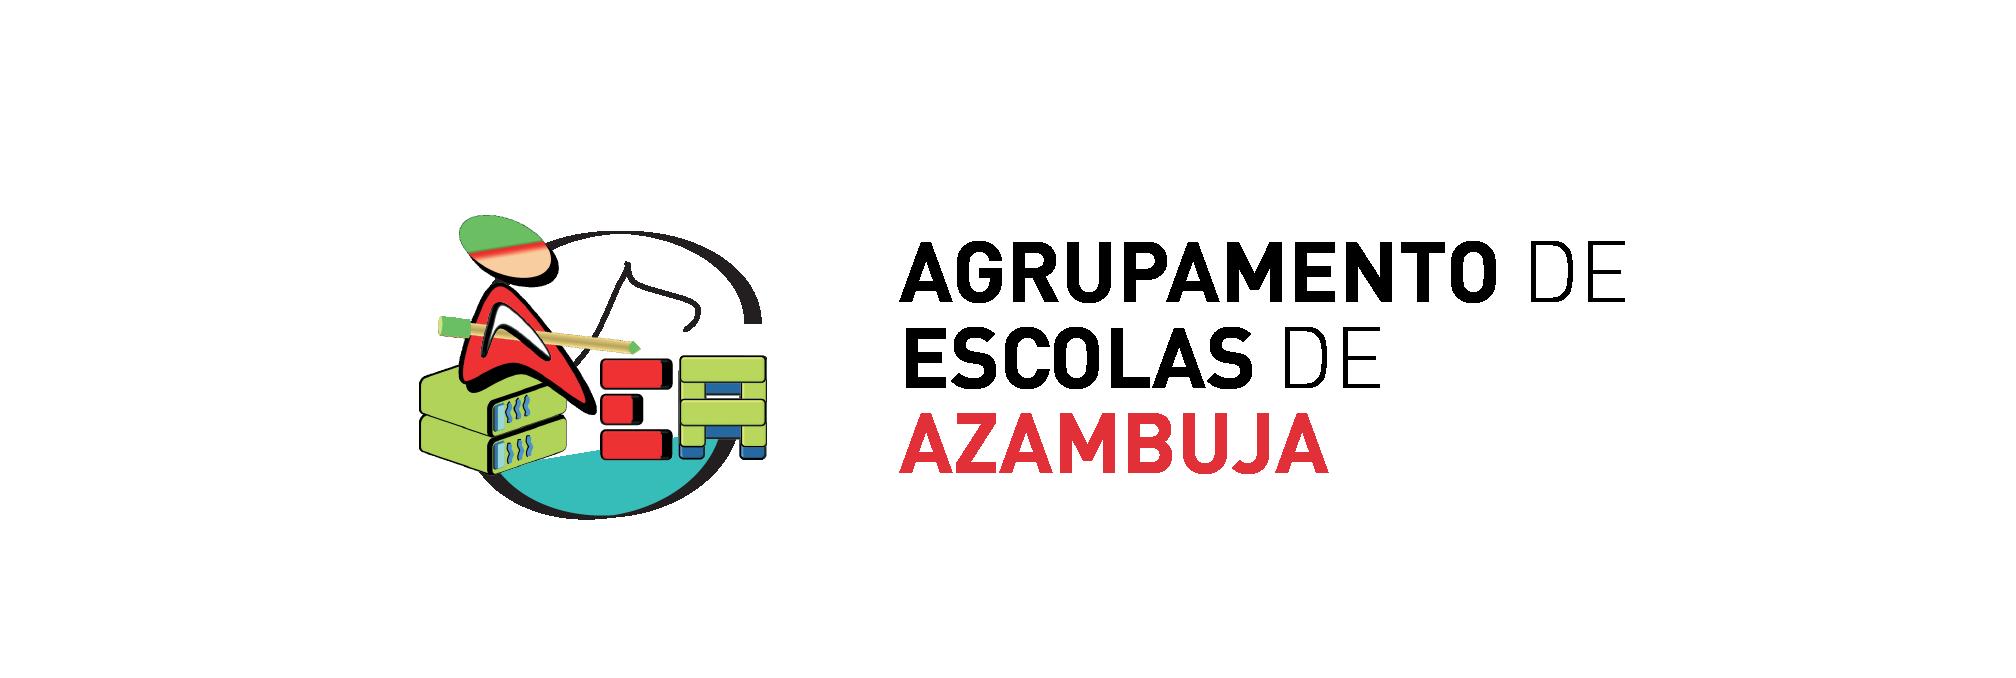 Agrupament de escolas AZB